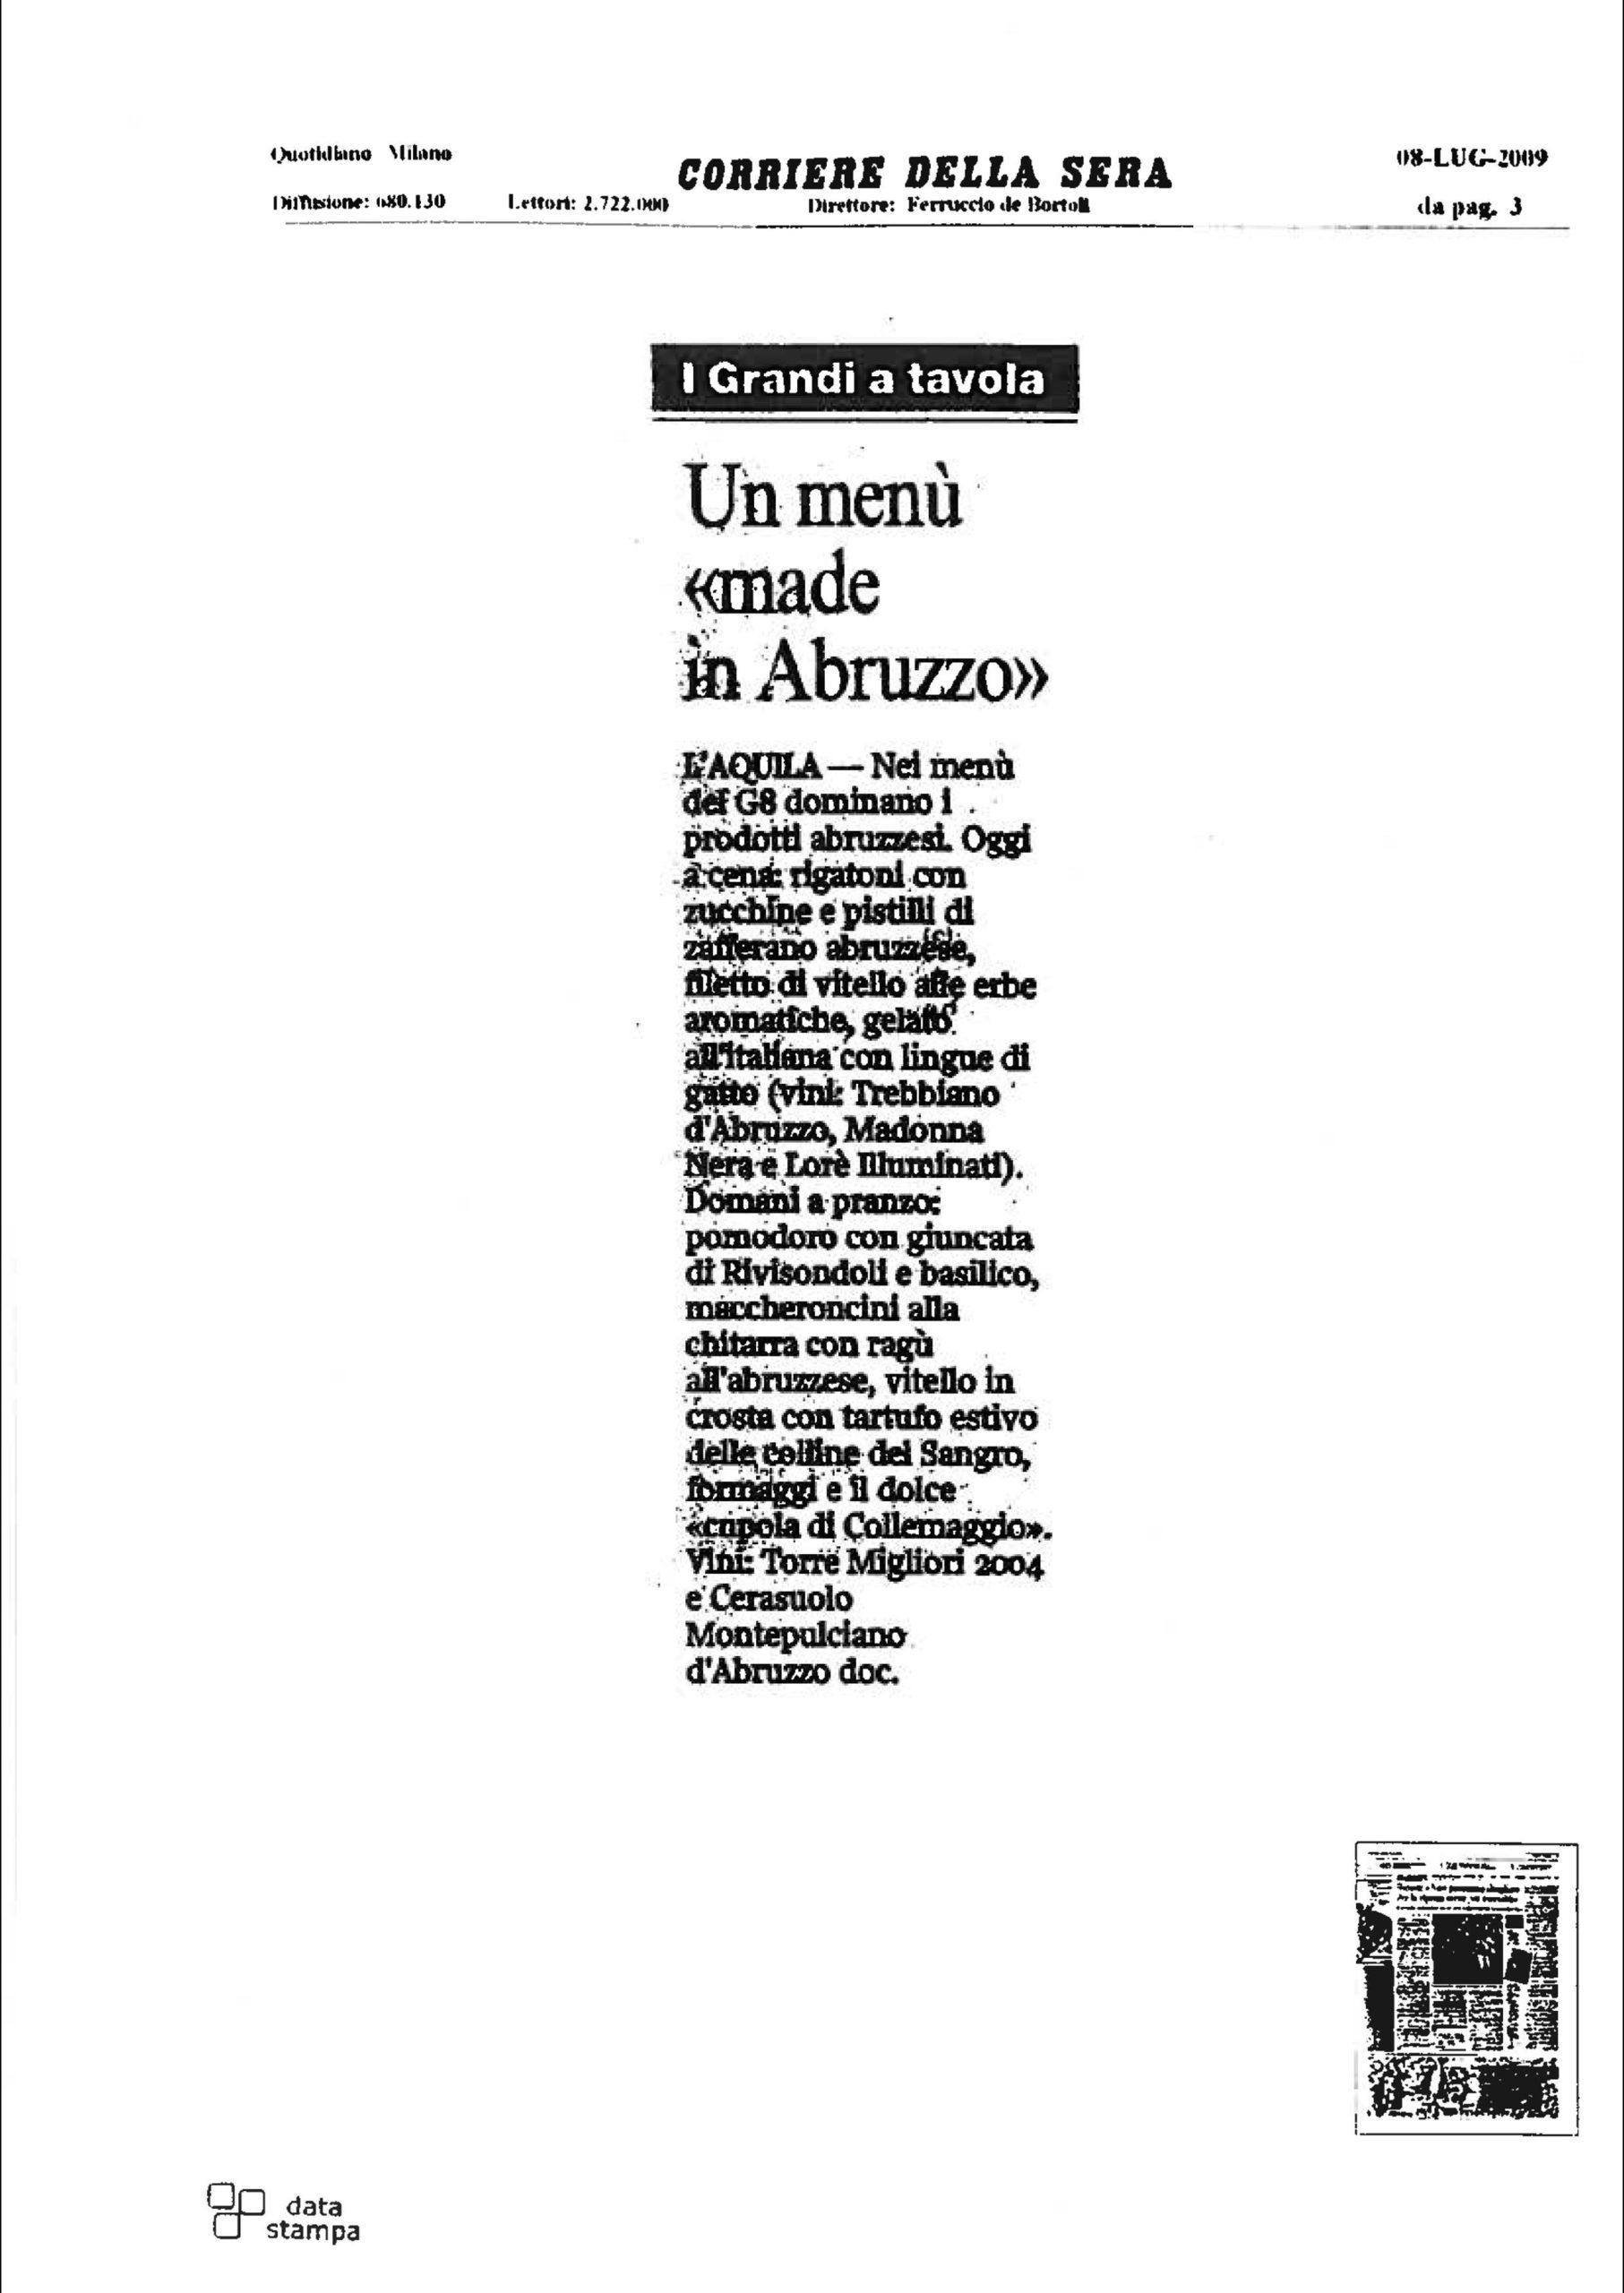 22 - Corriere-della-Sera